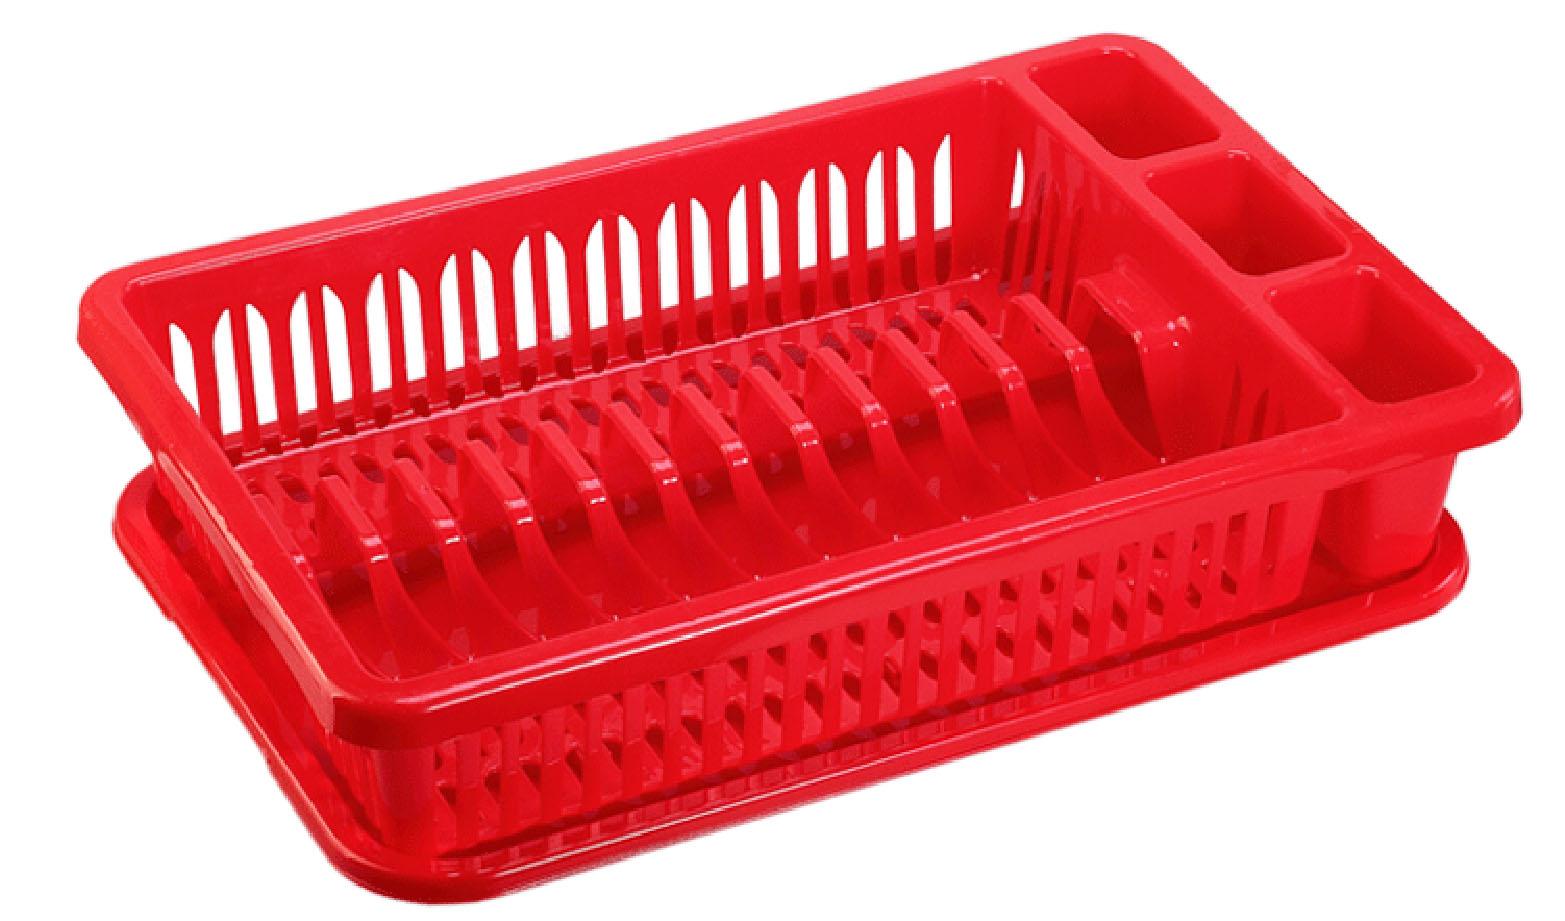 Сушилка для посуды Idea, с поддоном, цвет: красный, 43 х 28 х 9 смМ 1174Сушилка Idea, выполненная из прочного пластика, представляет собой решетку с ячейками, в которые помещается посуда: тарелки, кружки, ложки, ножи. Изделие оснащено пластиковым поддоном для стекания воды. Сушилку можно установить в любом удобном месте. На ней можно разместить большое количество предметов. Вместительные размеры и оригинальный дизайн выделяют эту сушку из ряда подобных. Размер сушилки: 43 х 28 х 9 см. Размер поддона: 42 х 28 х 1,8 см.